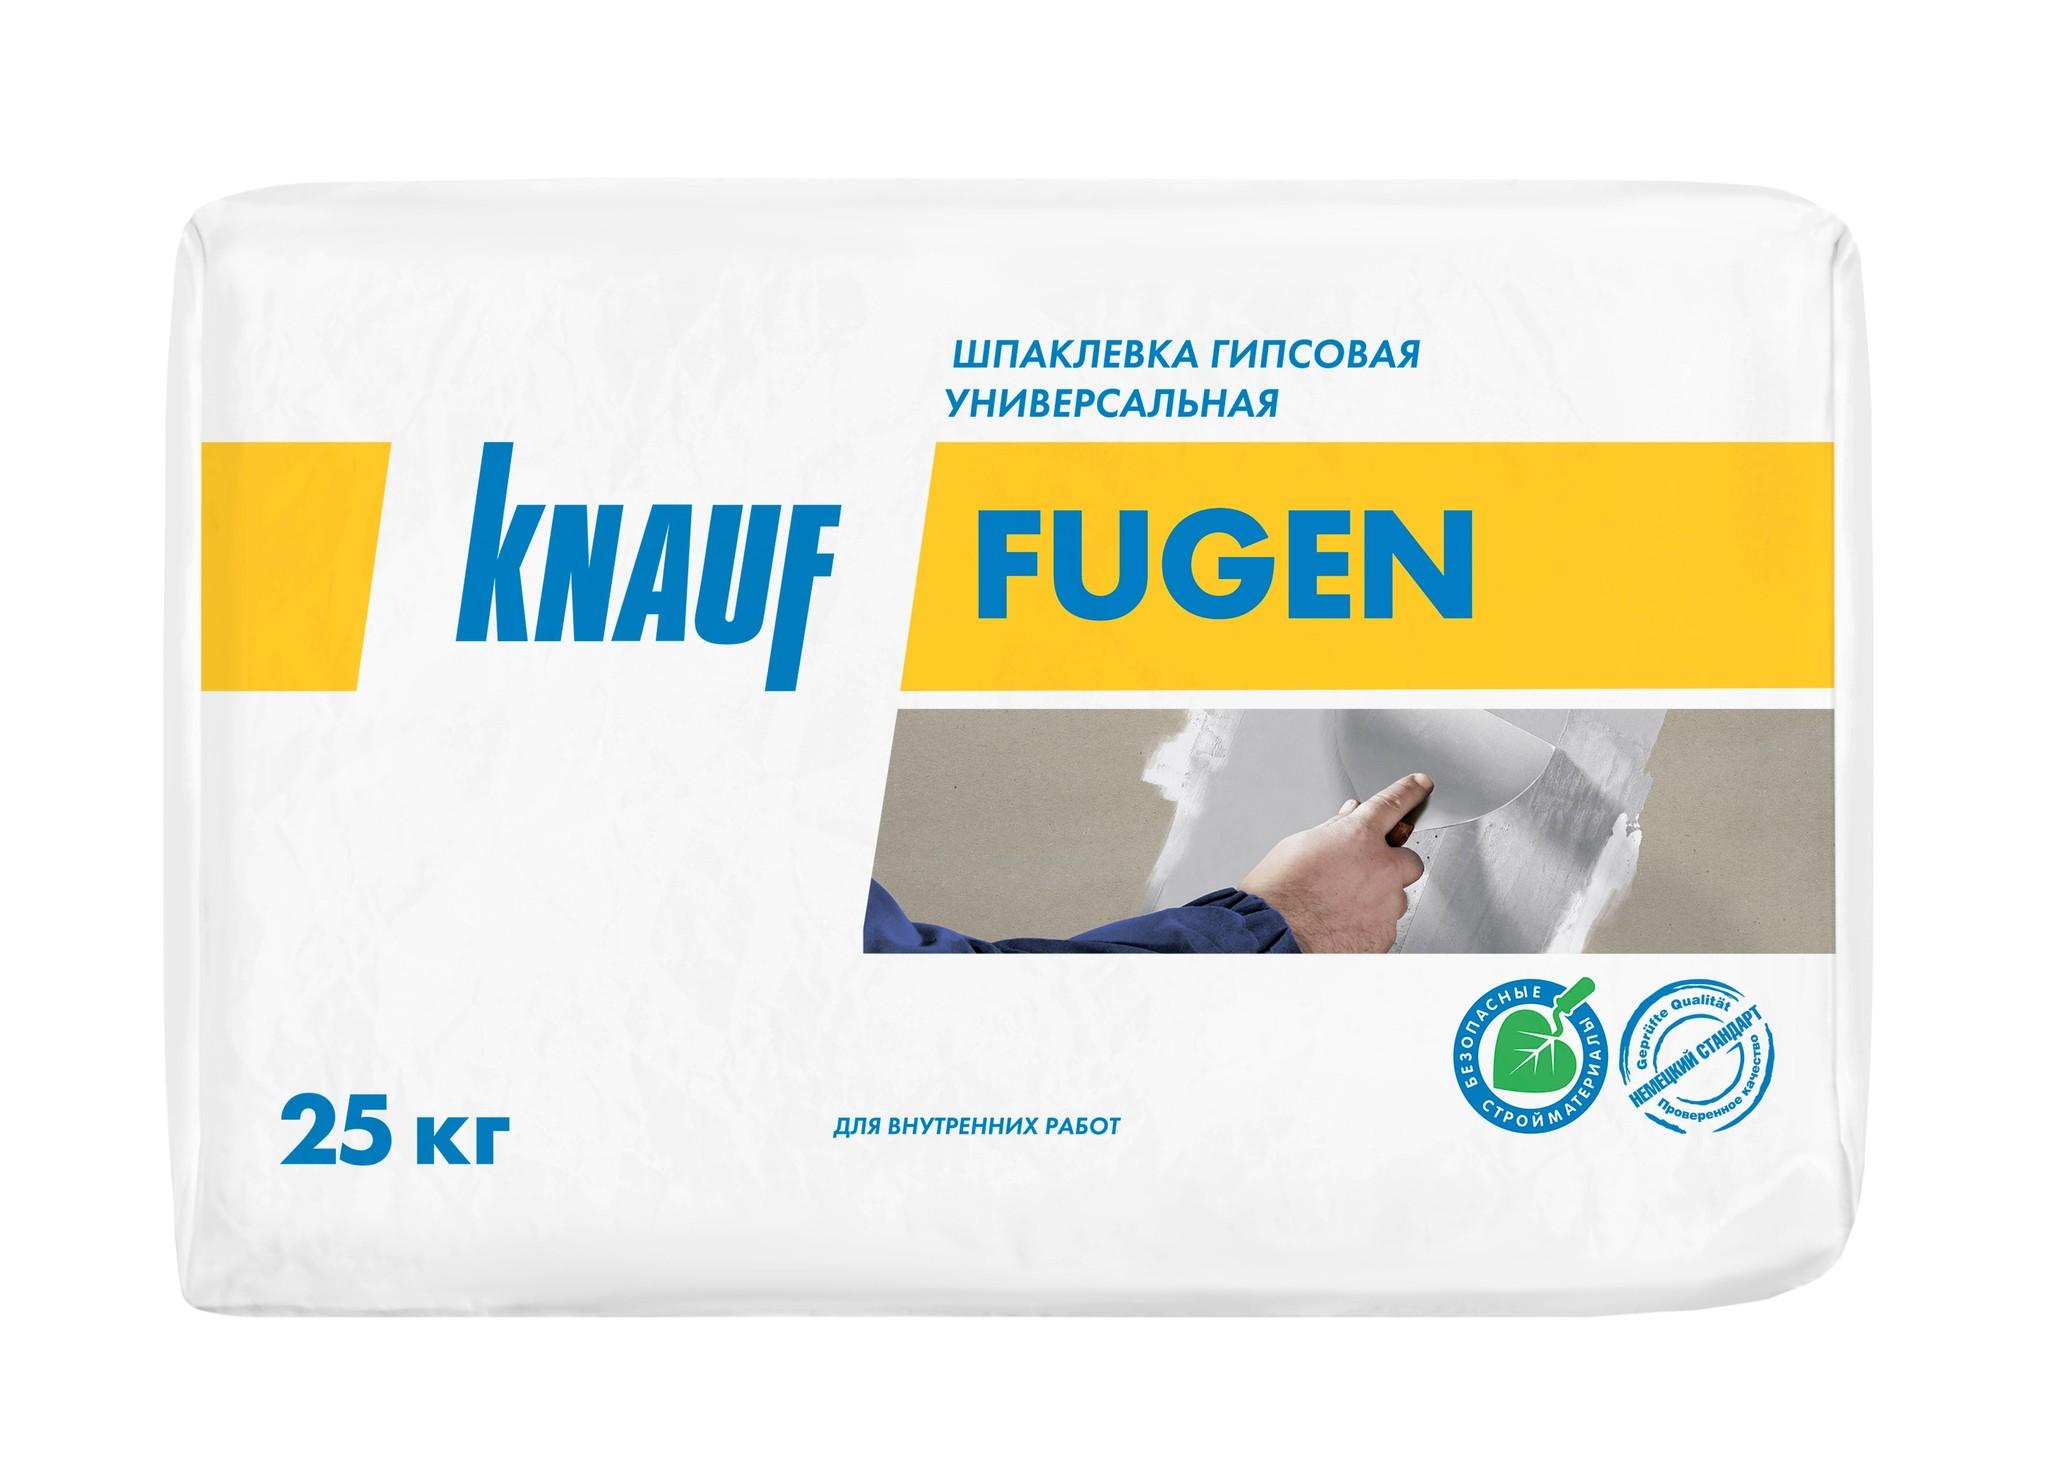 Шпаклевки Шпаклёвка Knauf Фуген гипсовая для швов, 25 кг 189bd990d17549db8fb765cc6e89f1aa.jpg